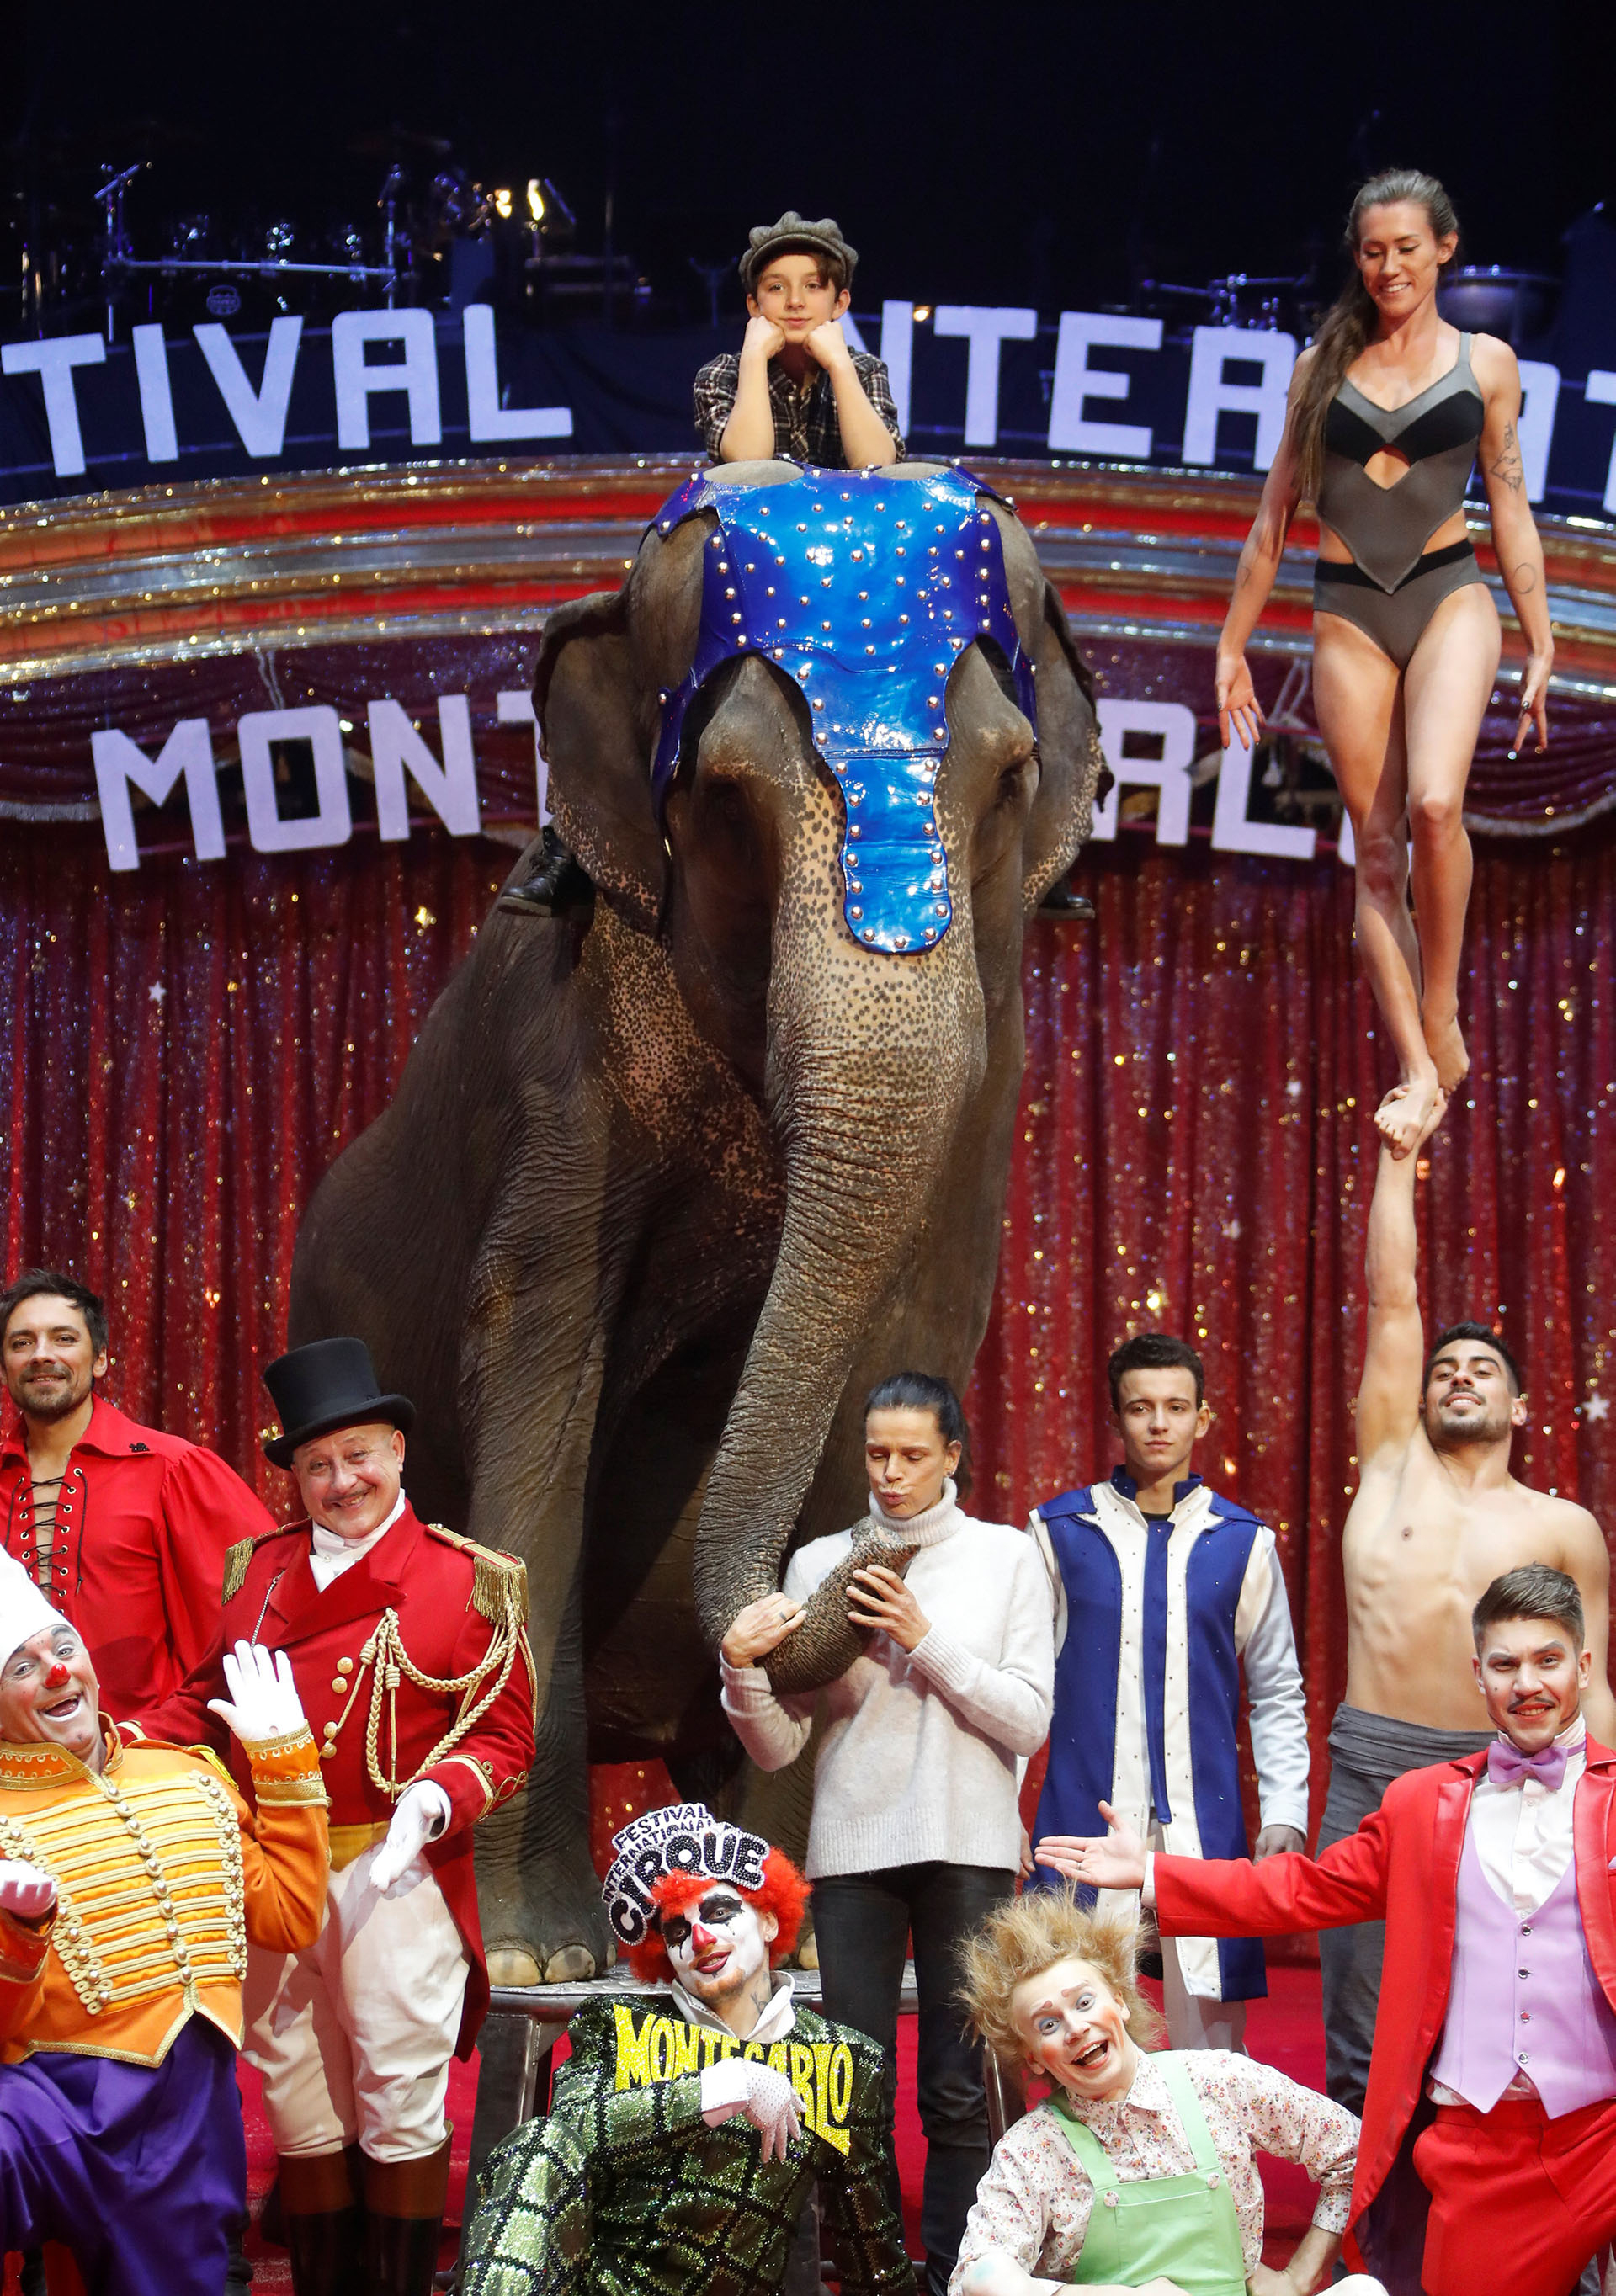 Antes de su boda, la hermana menor de Alberto de Mónaco había tenido un romance con un domador de elefantes, a quien acompañó en una gira de circo por Europa